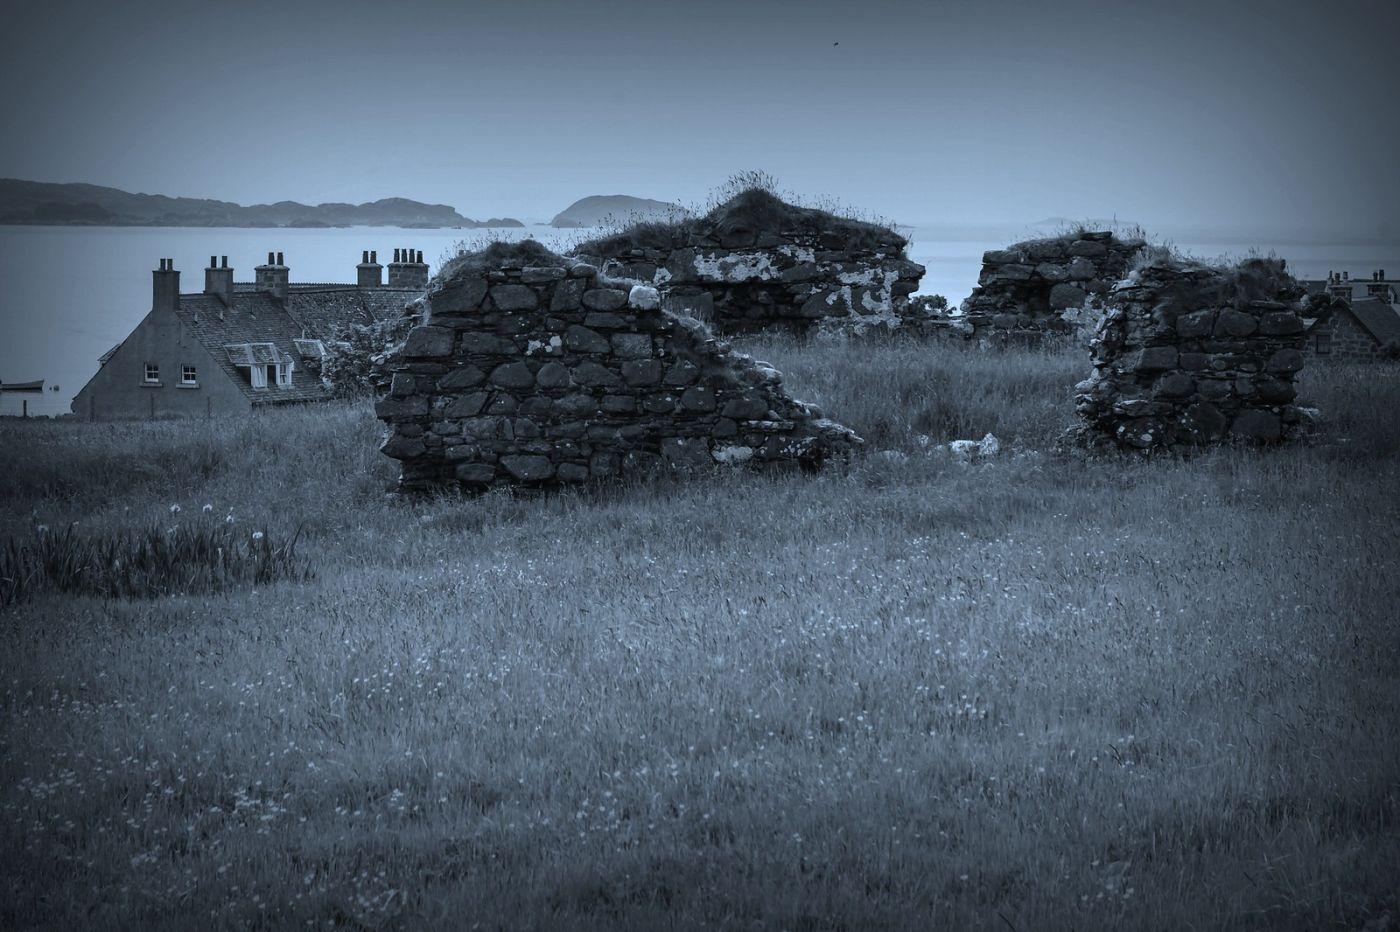 苏格兰圣奥兰教堂(St Oran's Chapel),千年古迹_图1-26